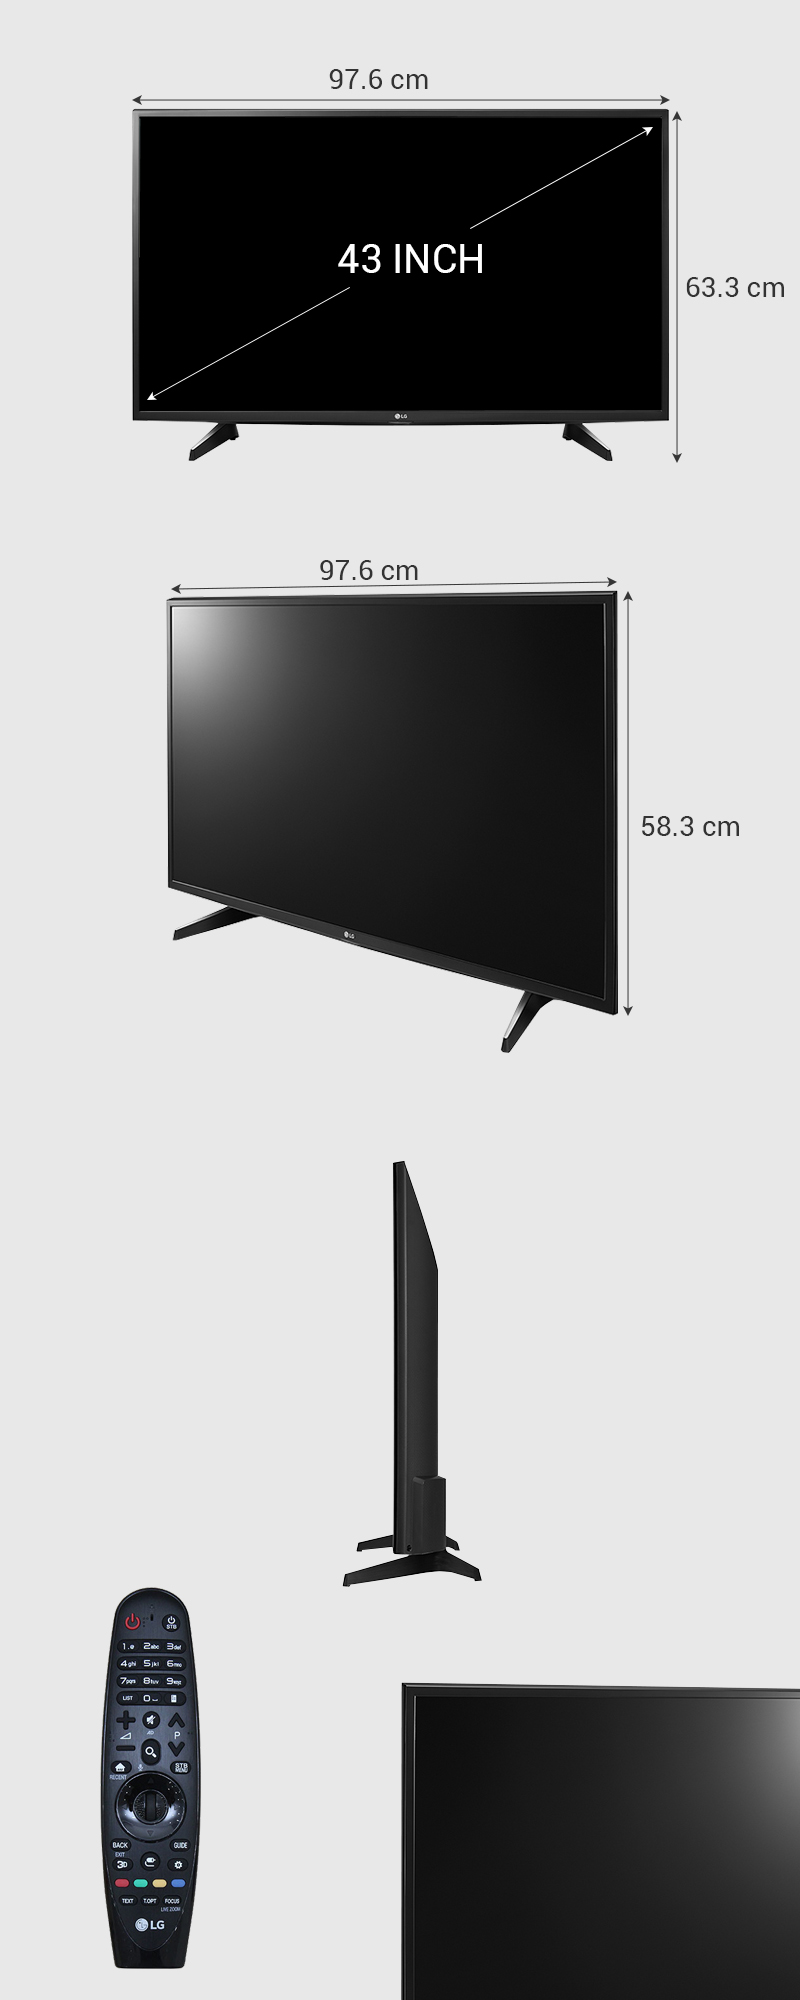 Smart Tivi LG 43 inch 43UH617T - Kích thước tivi